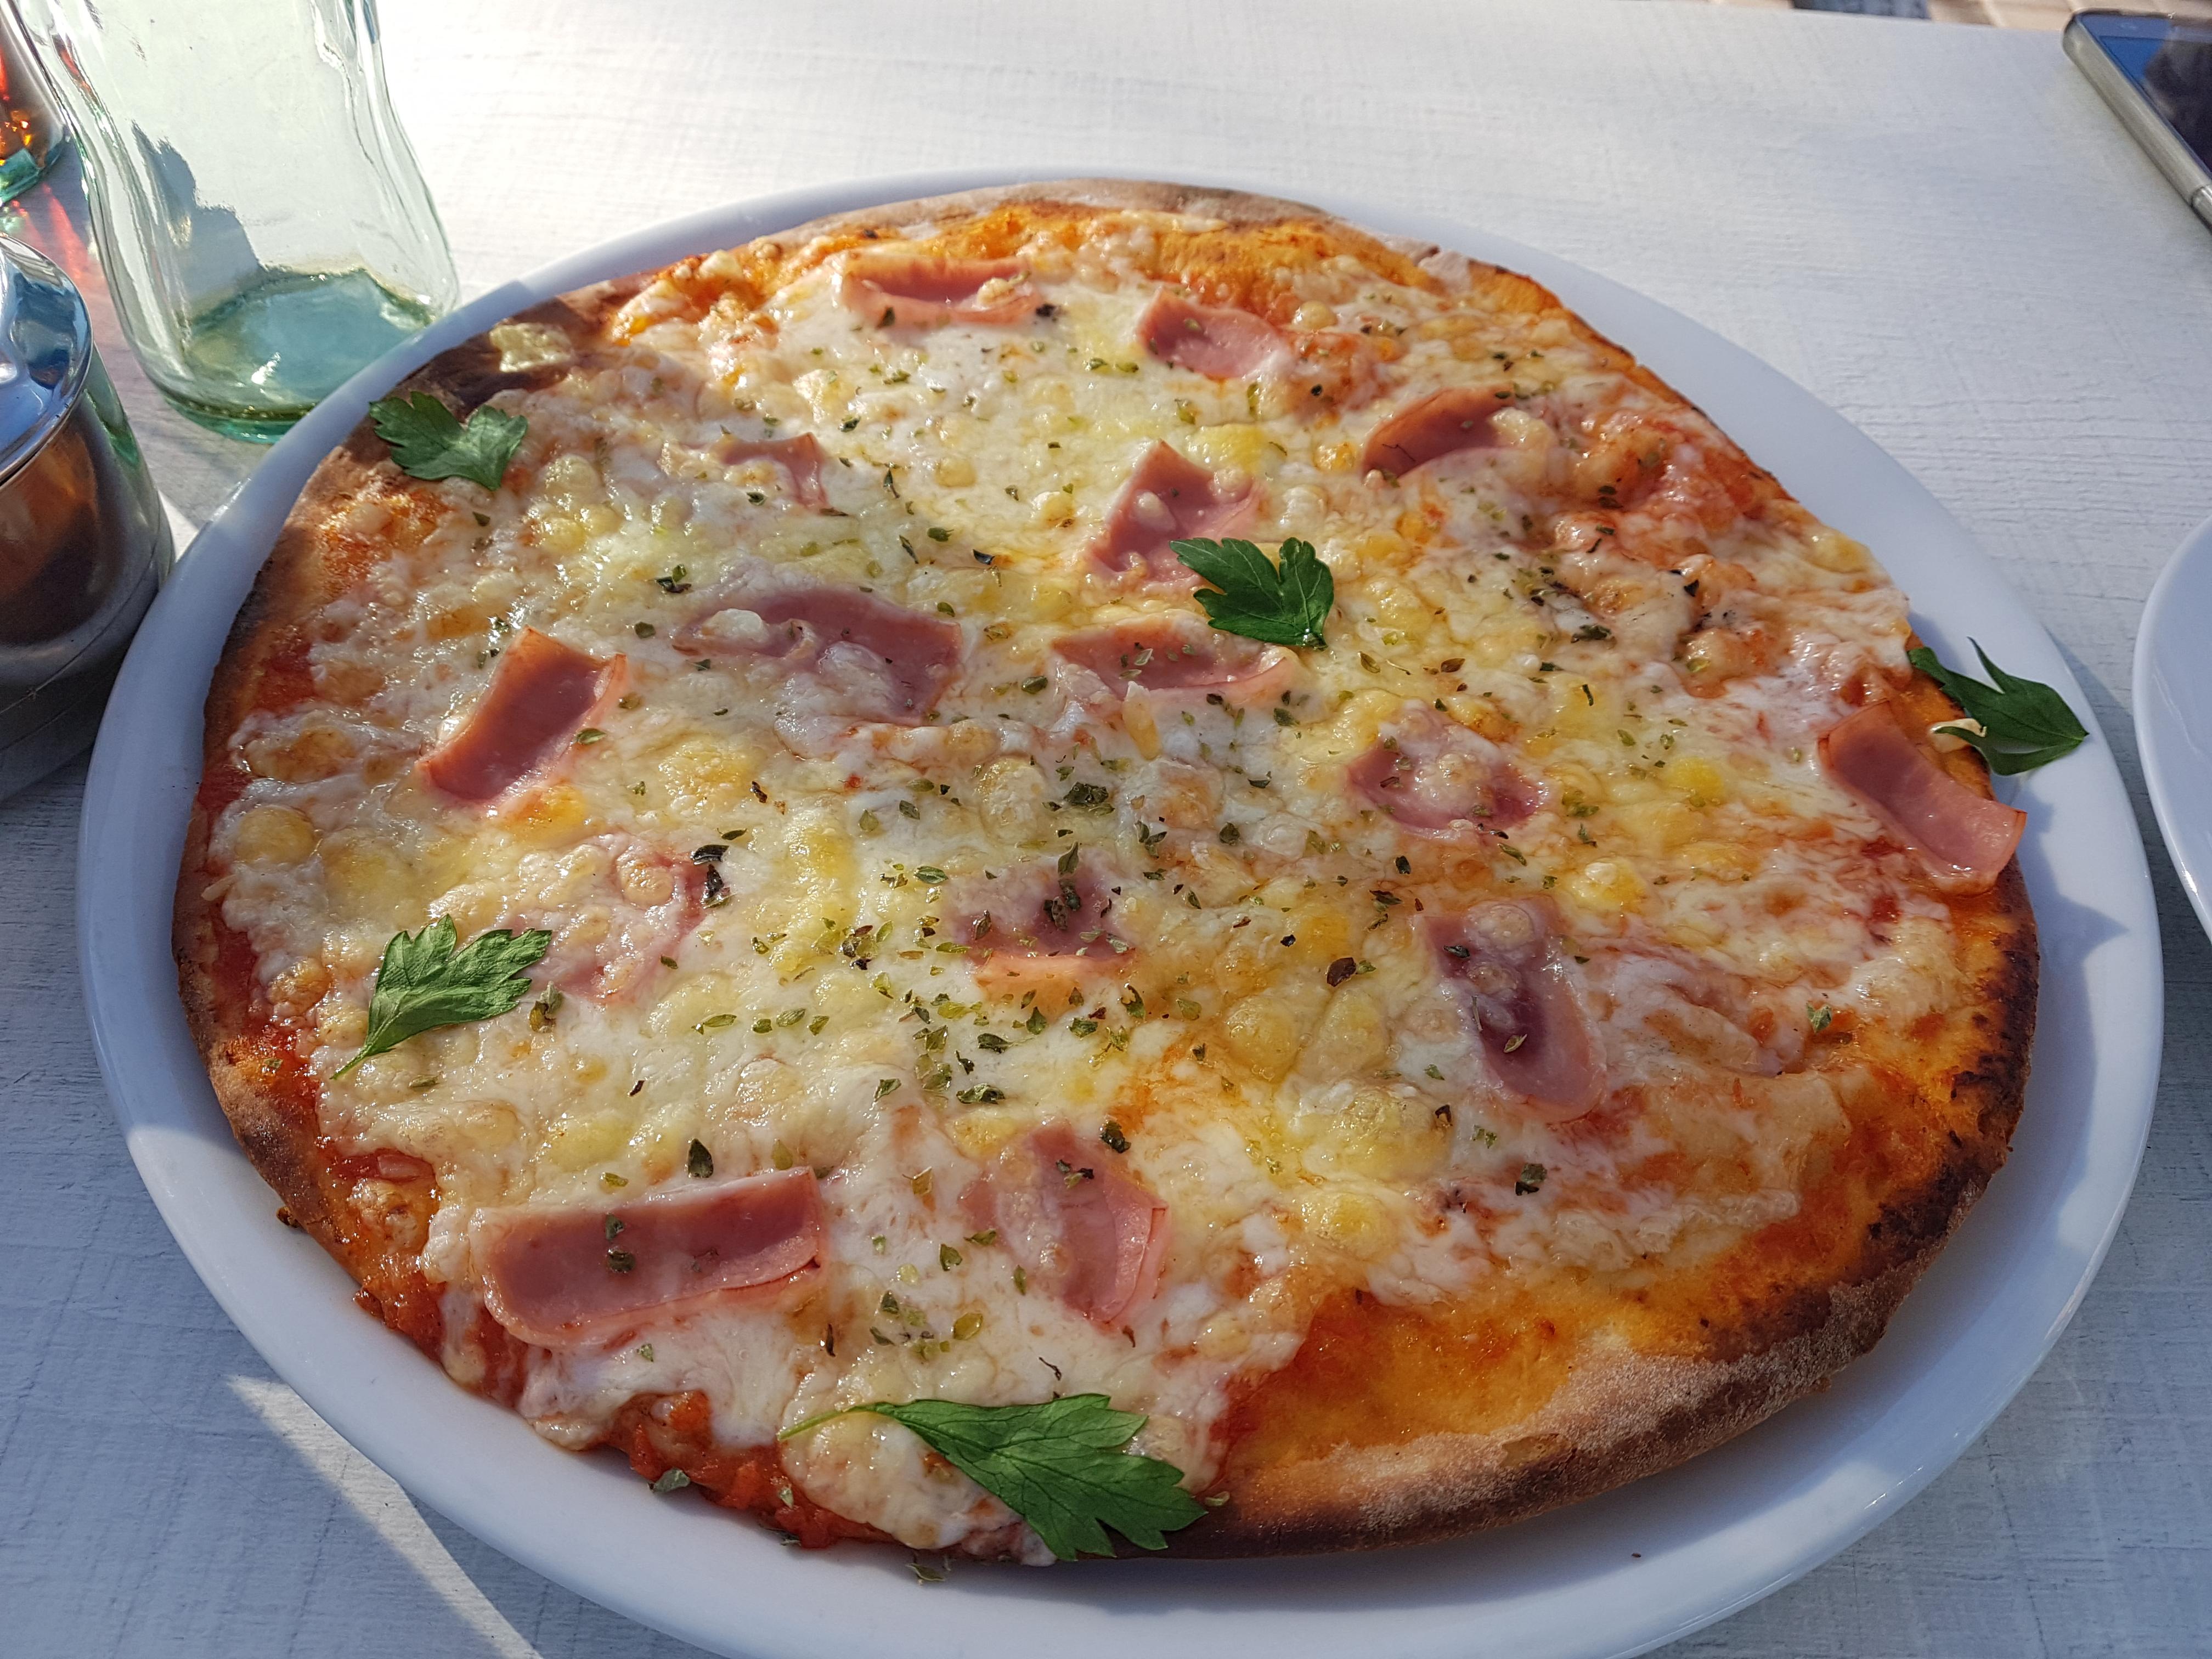 https://foodloader.net/Holz_2018-01-01_Pizza.jpg